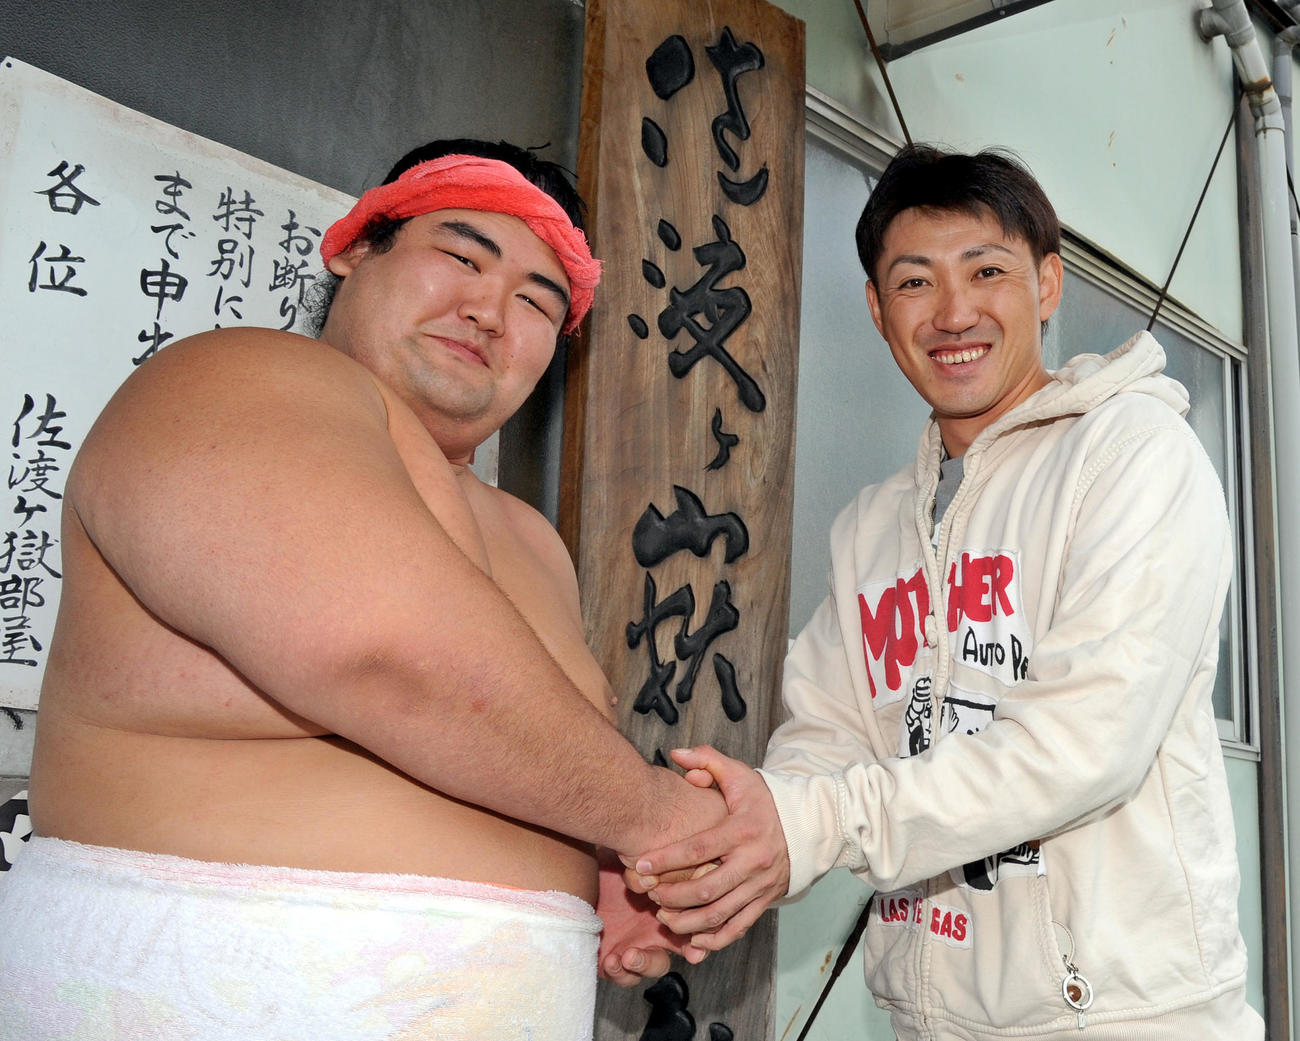 佐渡ケ嶽部屋を訪れ琴奨菊(左)と笑顔で握手を交わすソフトバンク内川(2013年10月31日撮影)